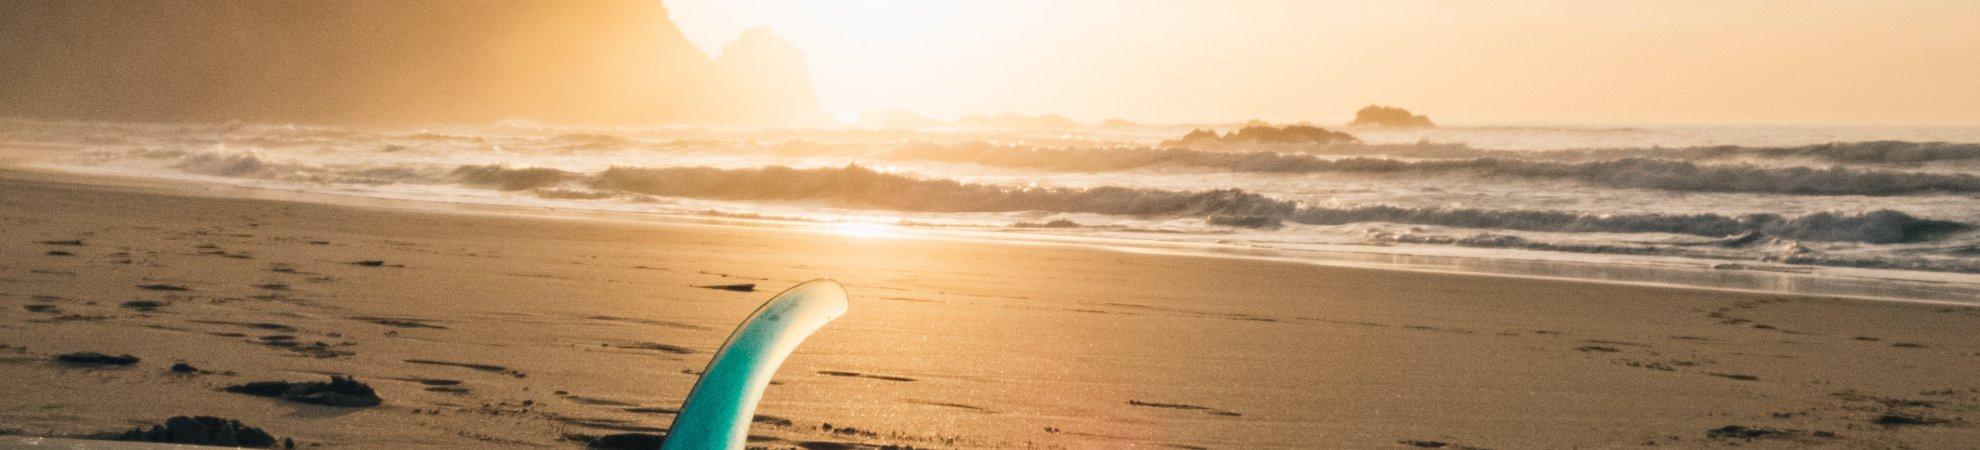 best surf destinations europe